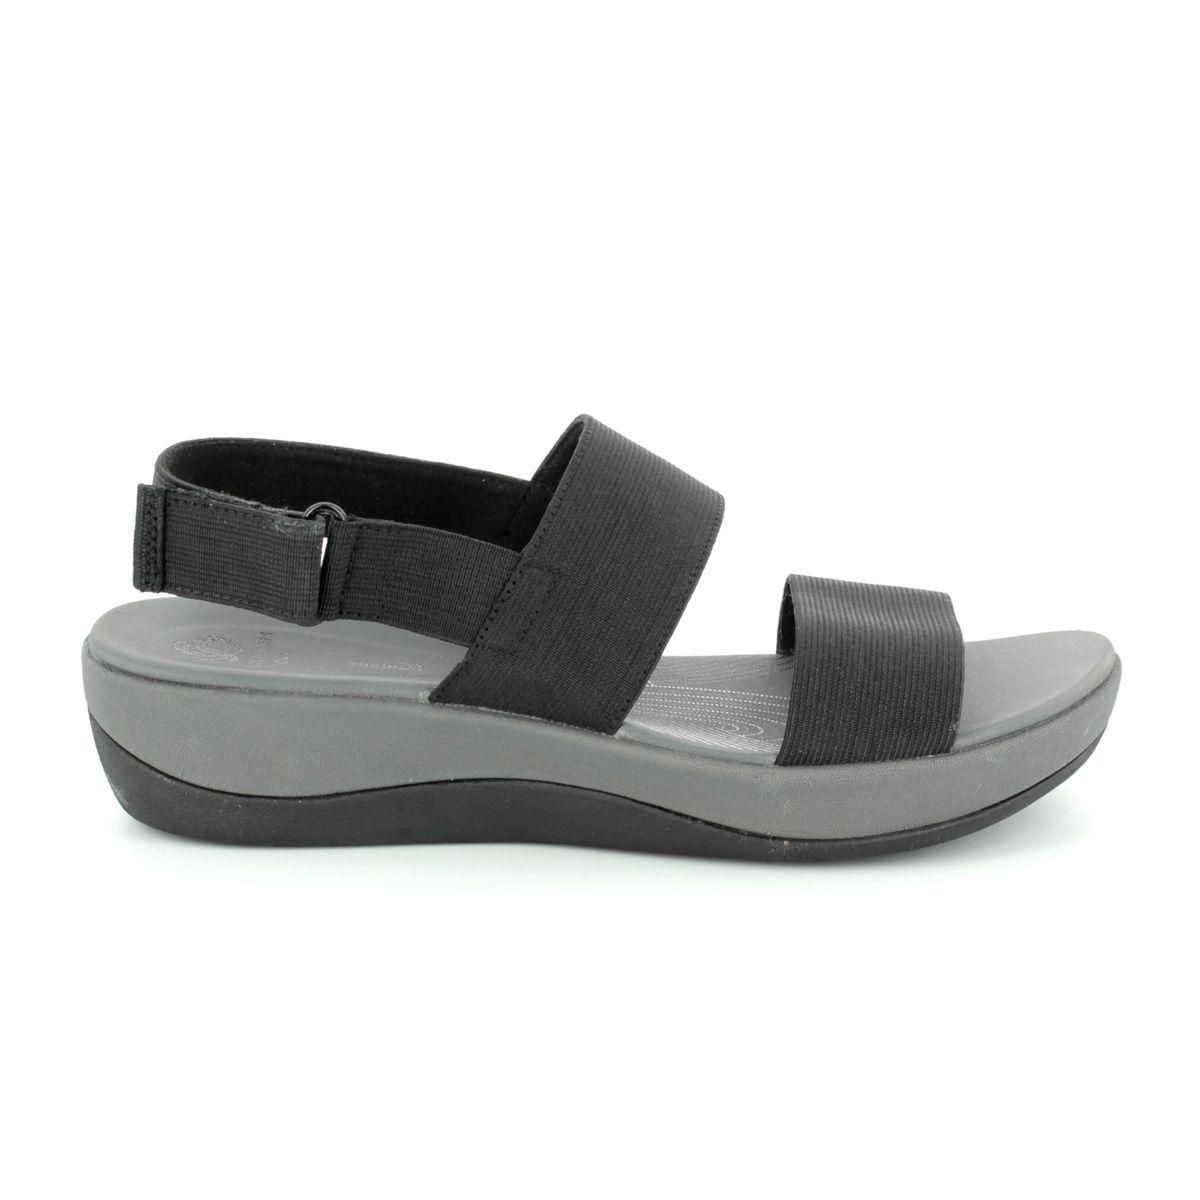 08823bfc412 Clarks Sandals - Black - 2560 34D ARLA JACORY